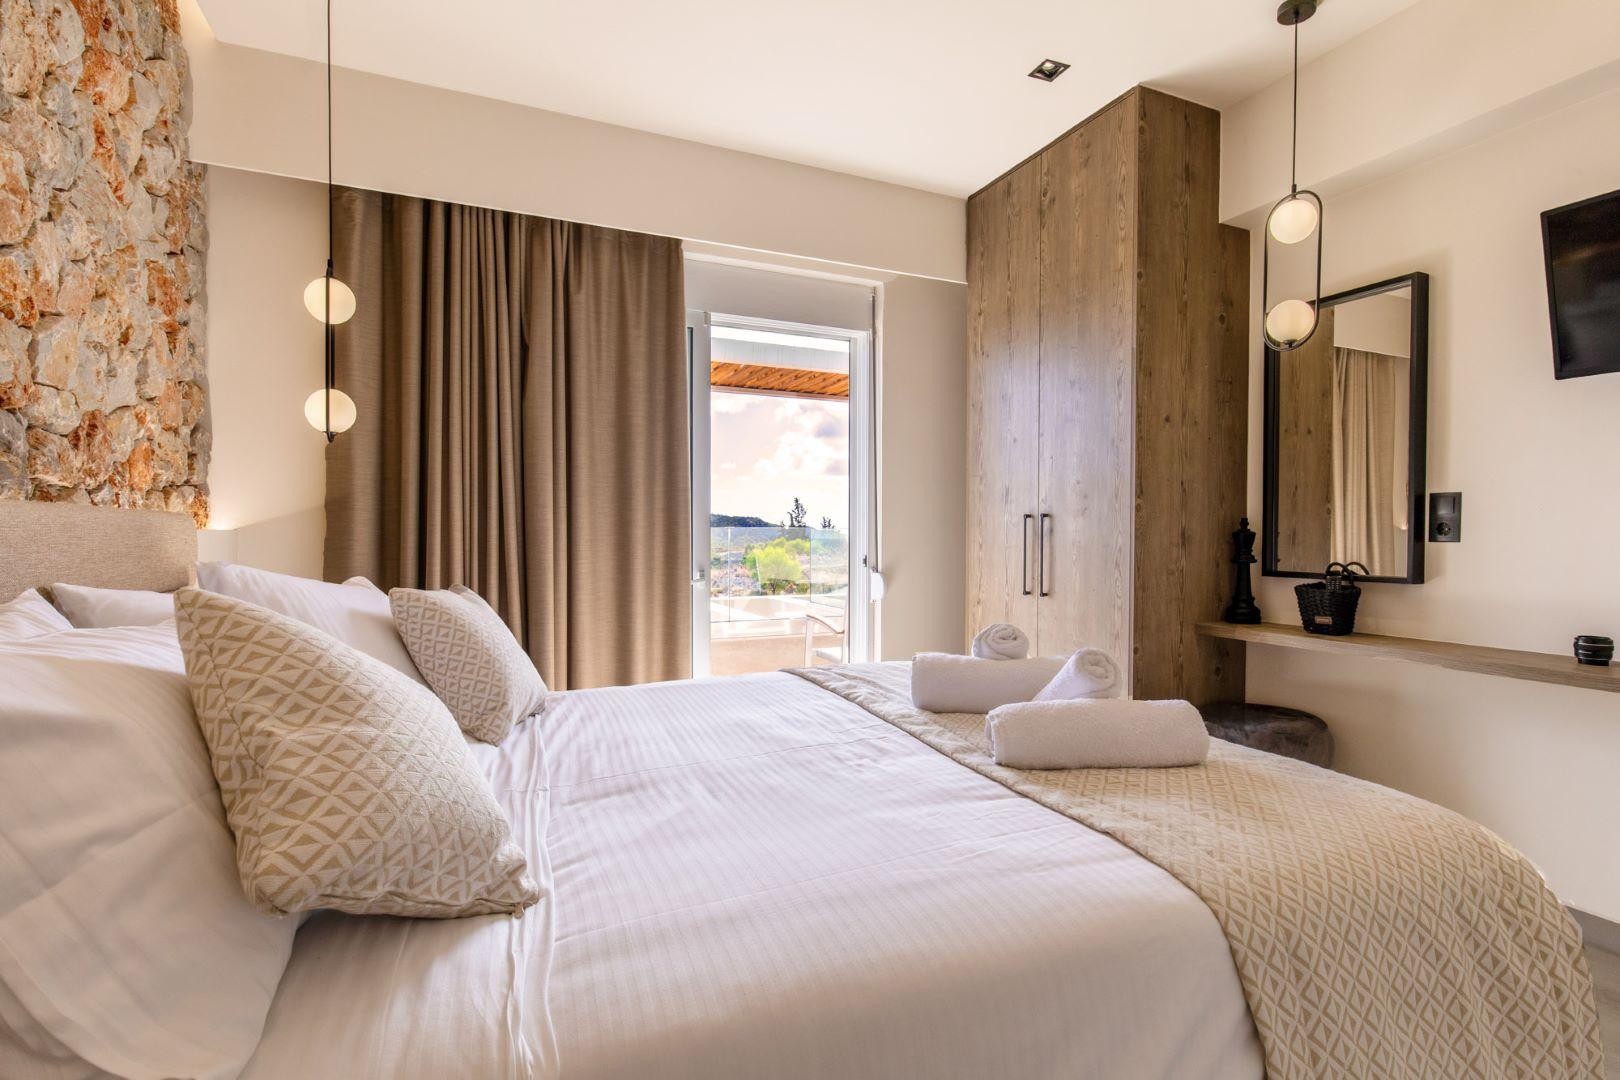 7 bedroom villas rhodes